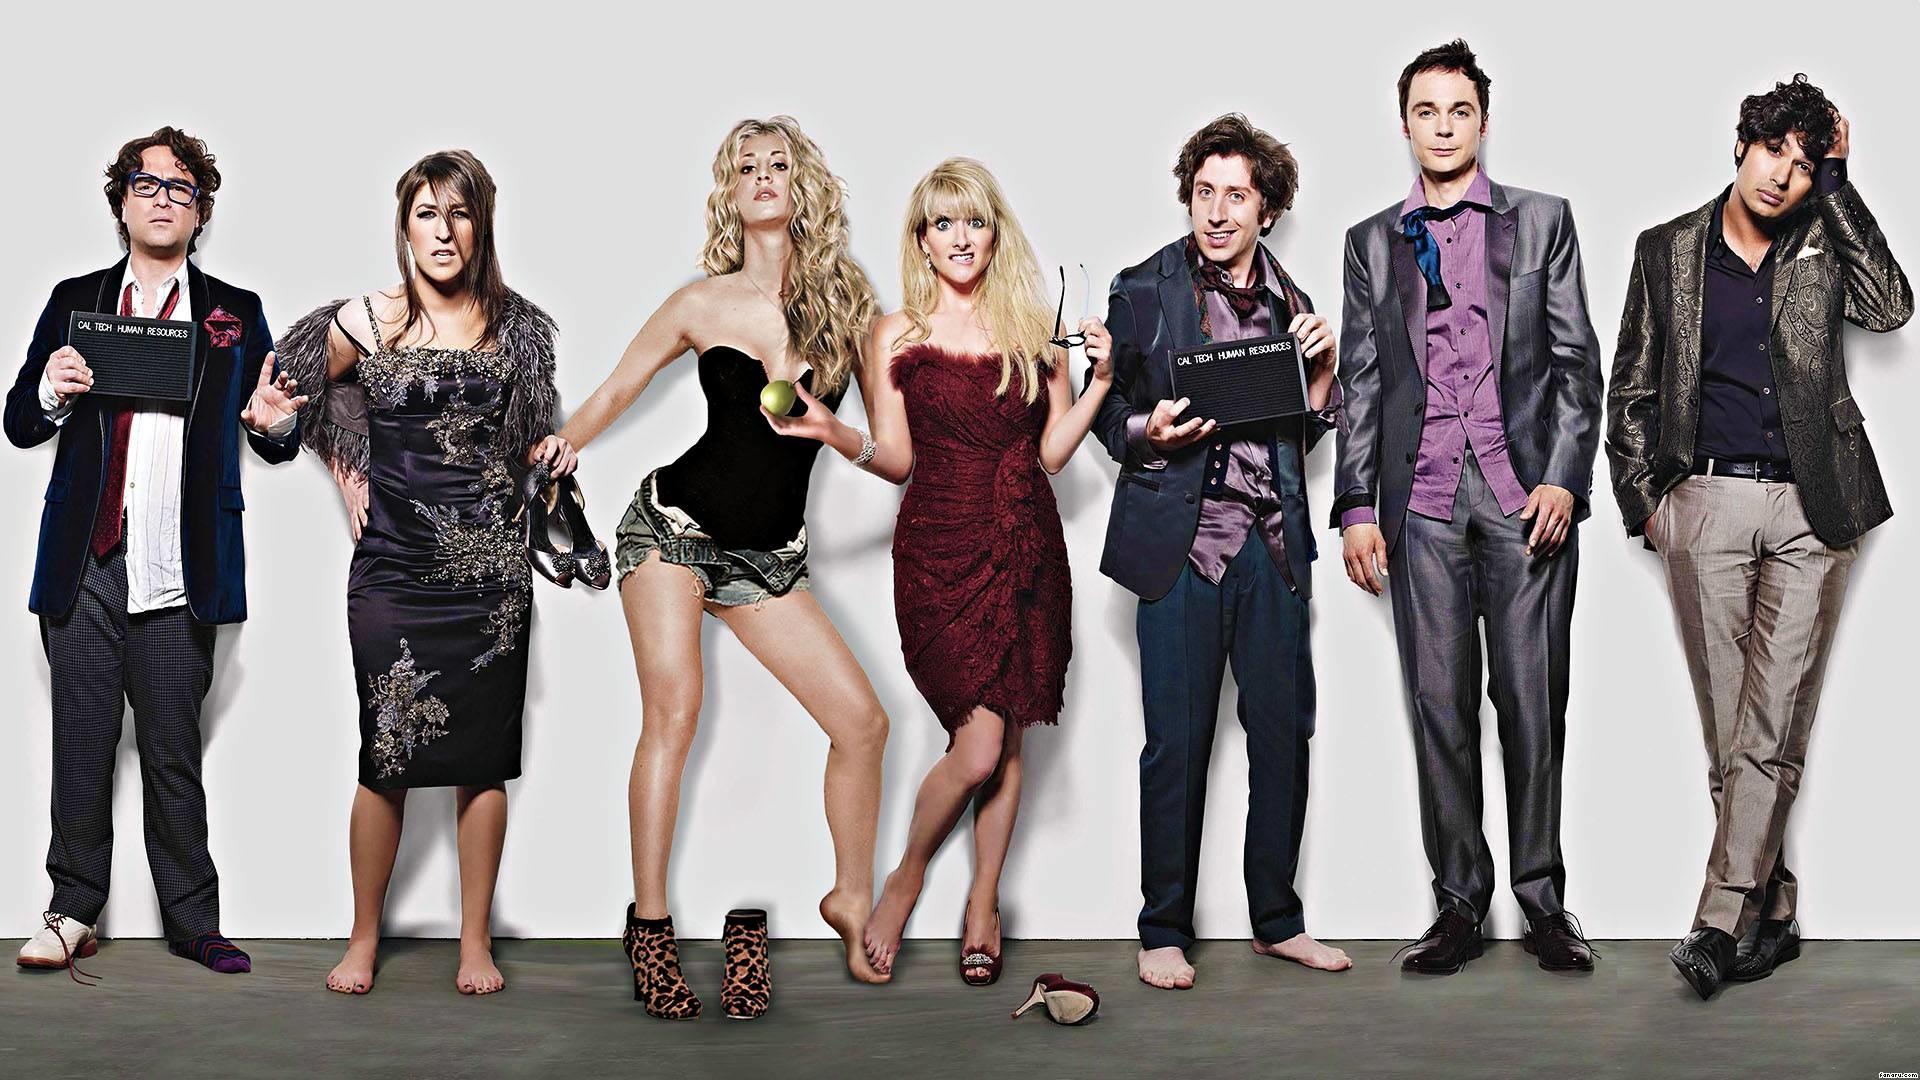 the big bang theory wallpaper  Big Bang Theory Wallpaper (74  images)